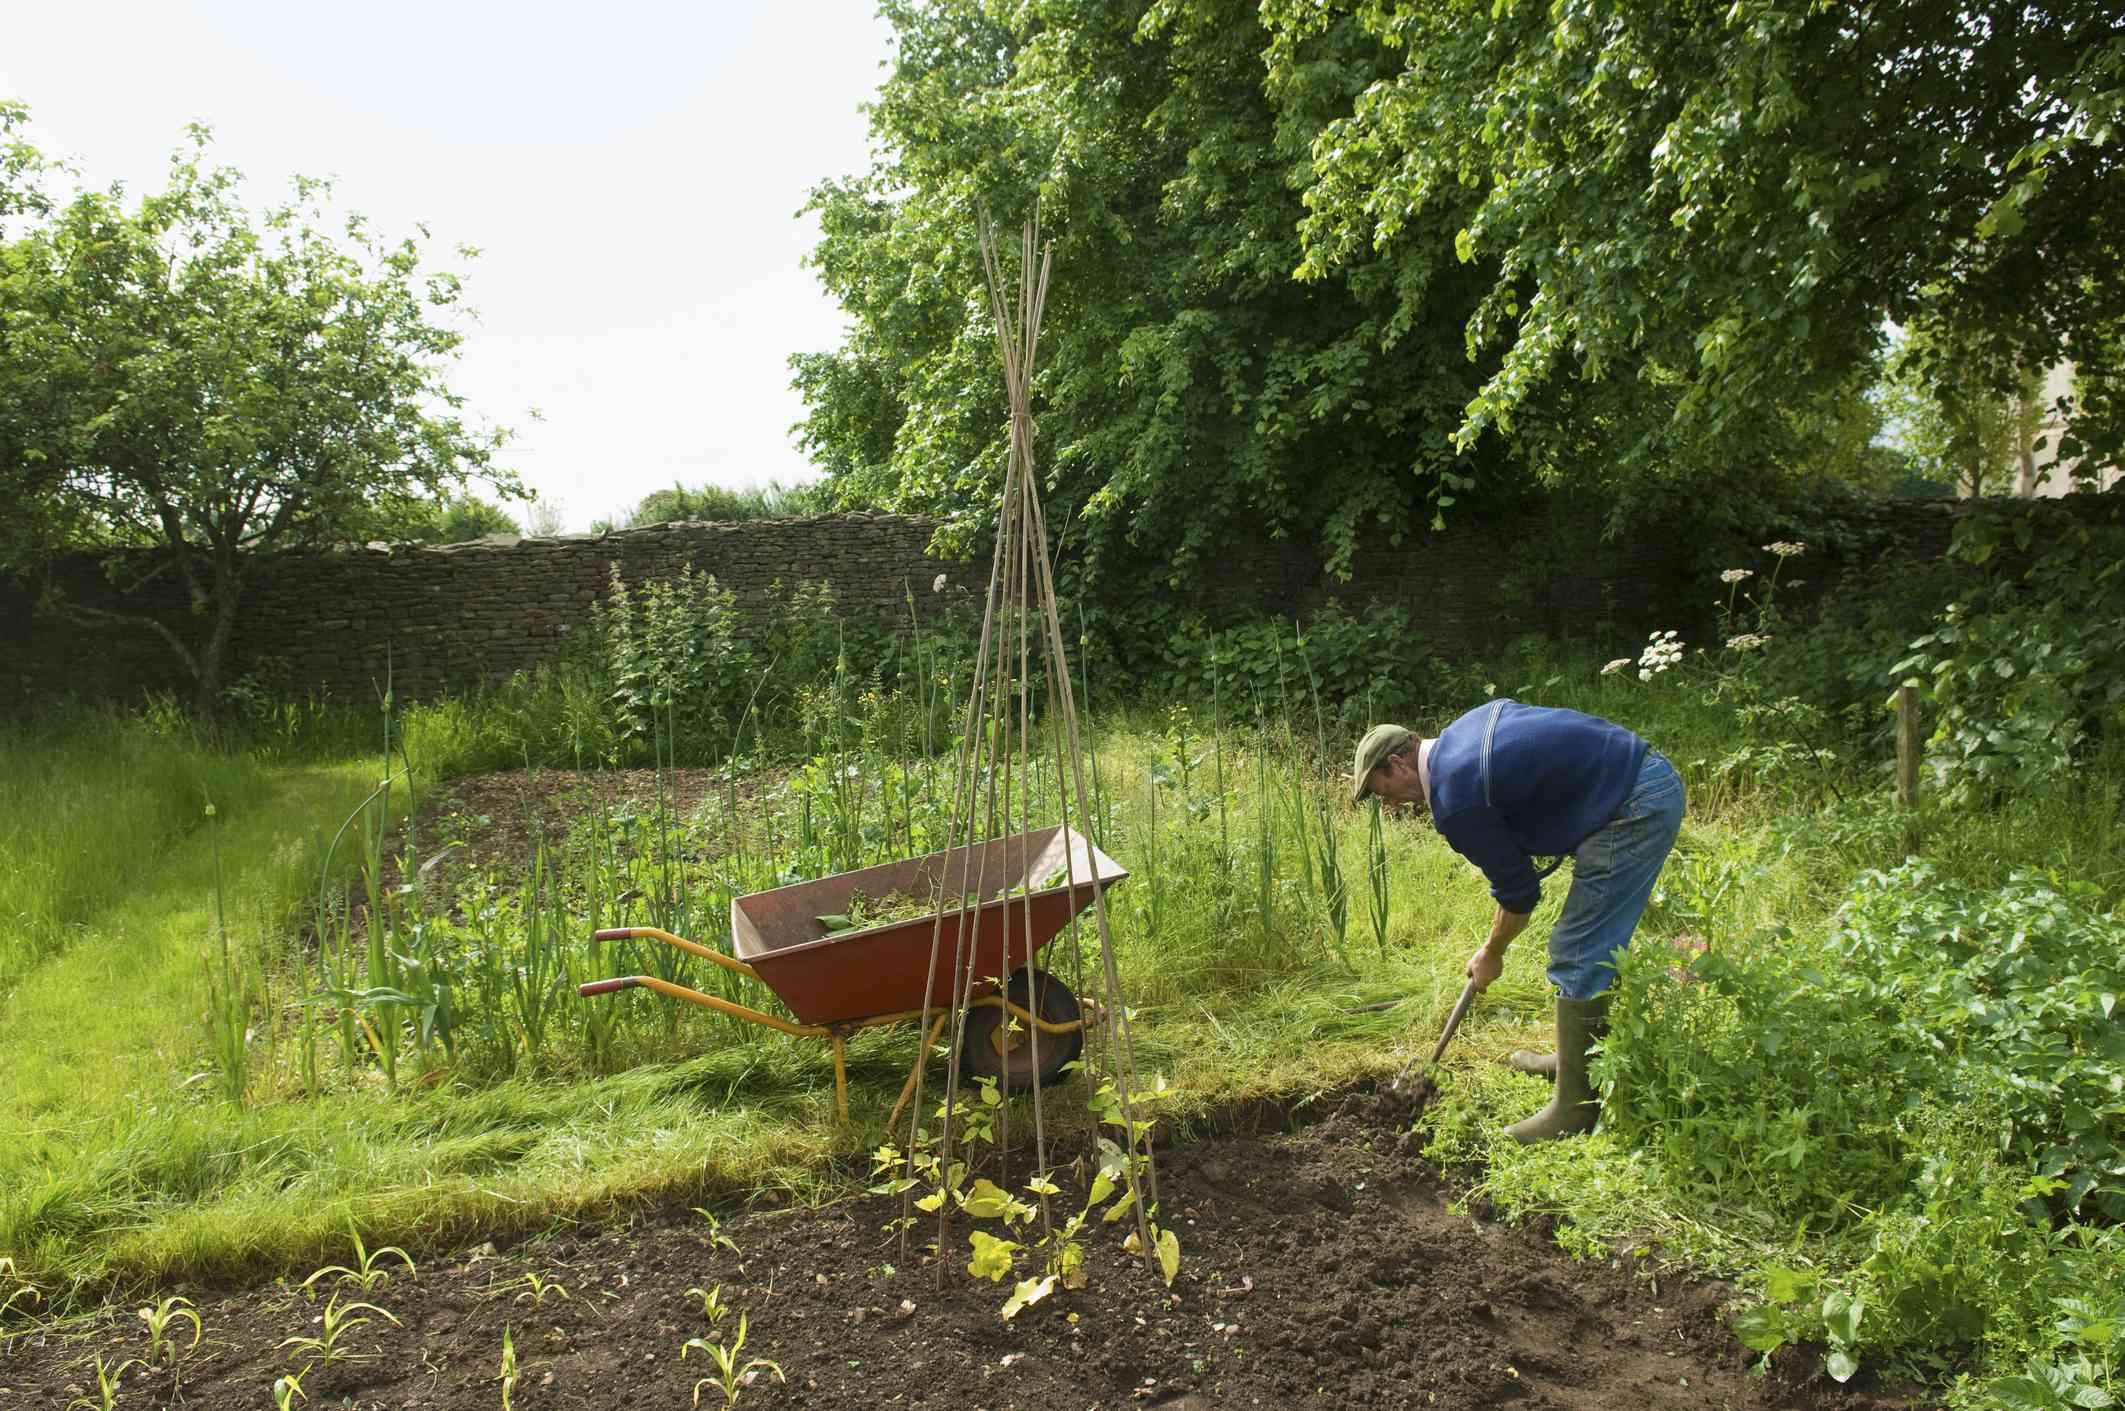 person shoveling garden soil